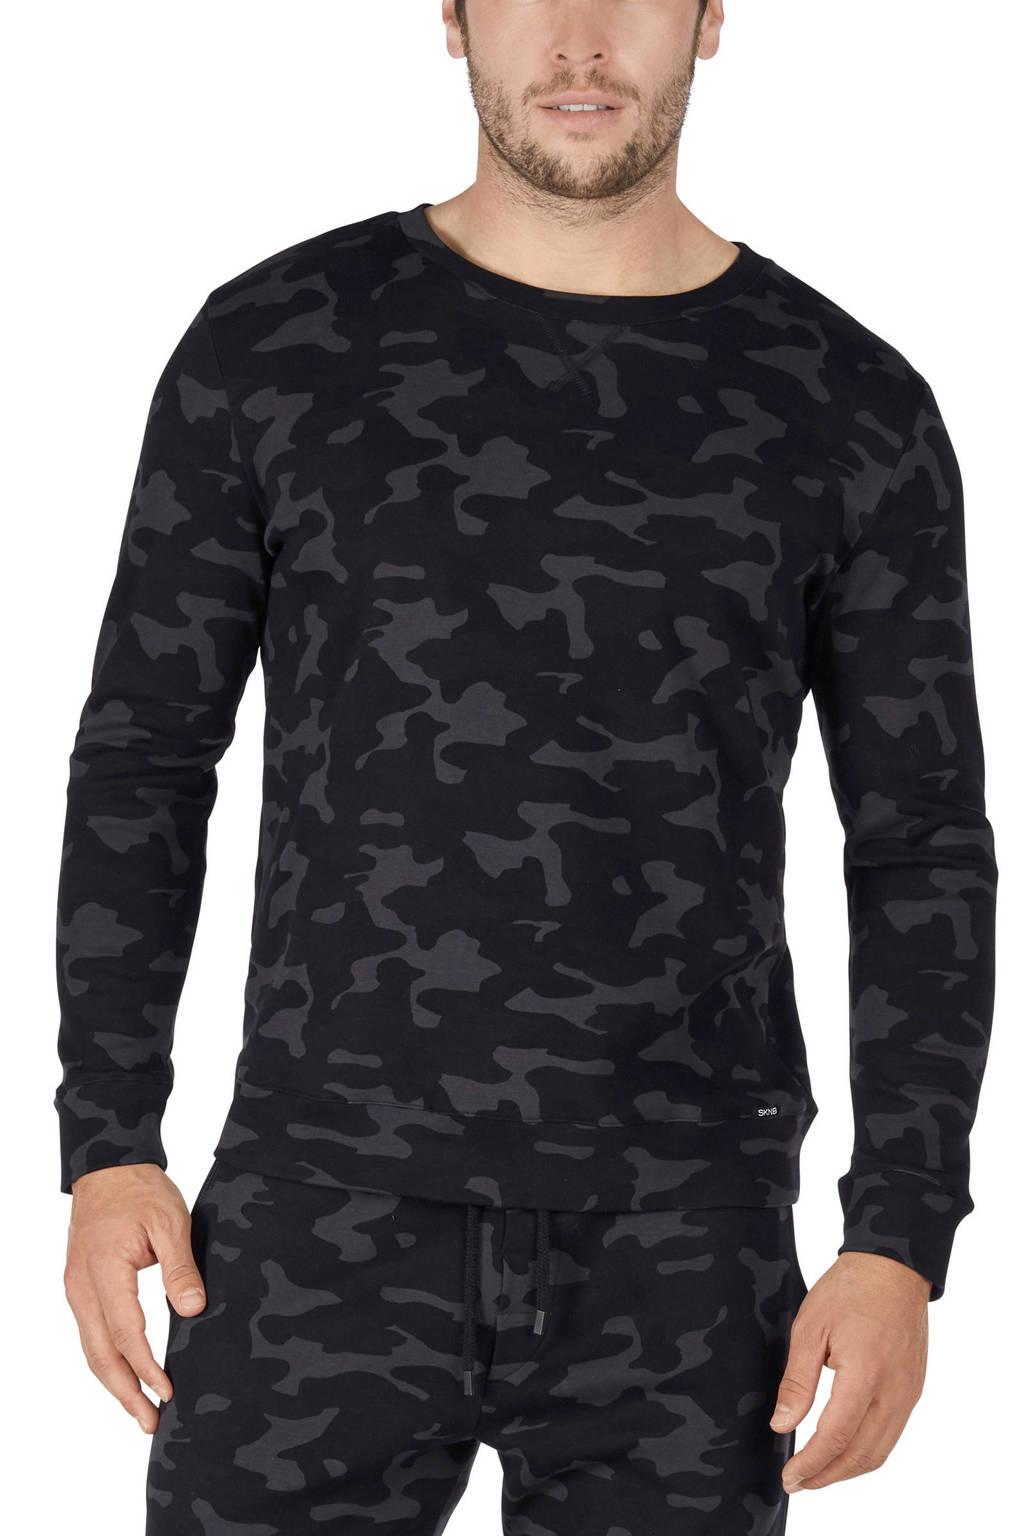 SKINY pyjamatop met camouflageprint zwart/grijs, Zwart/grijs